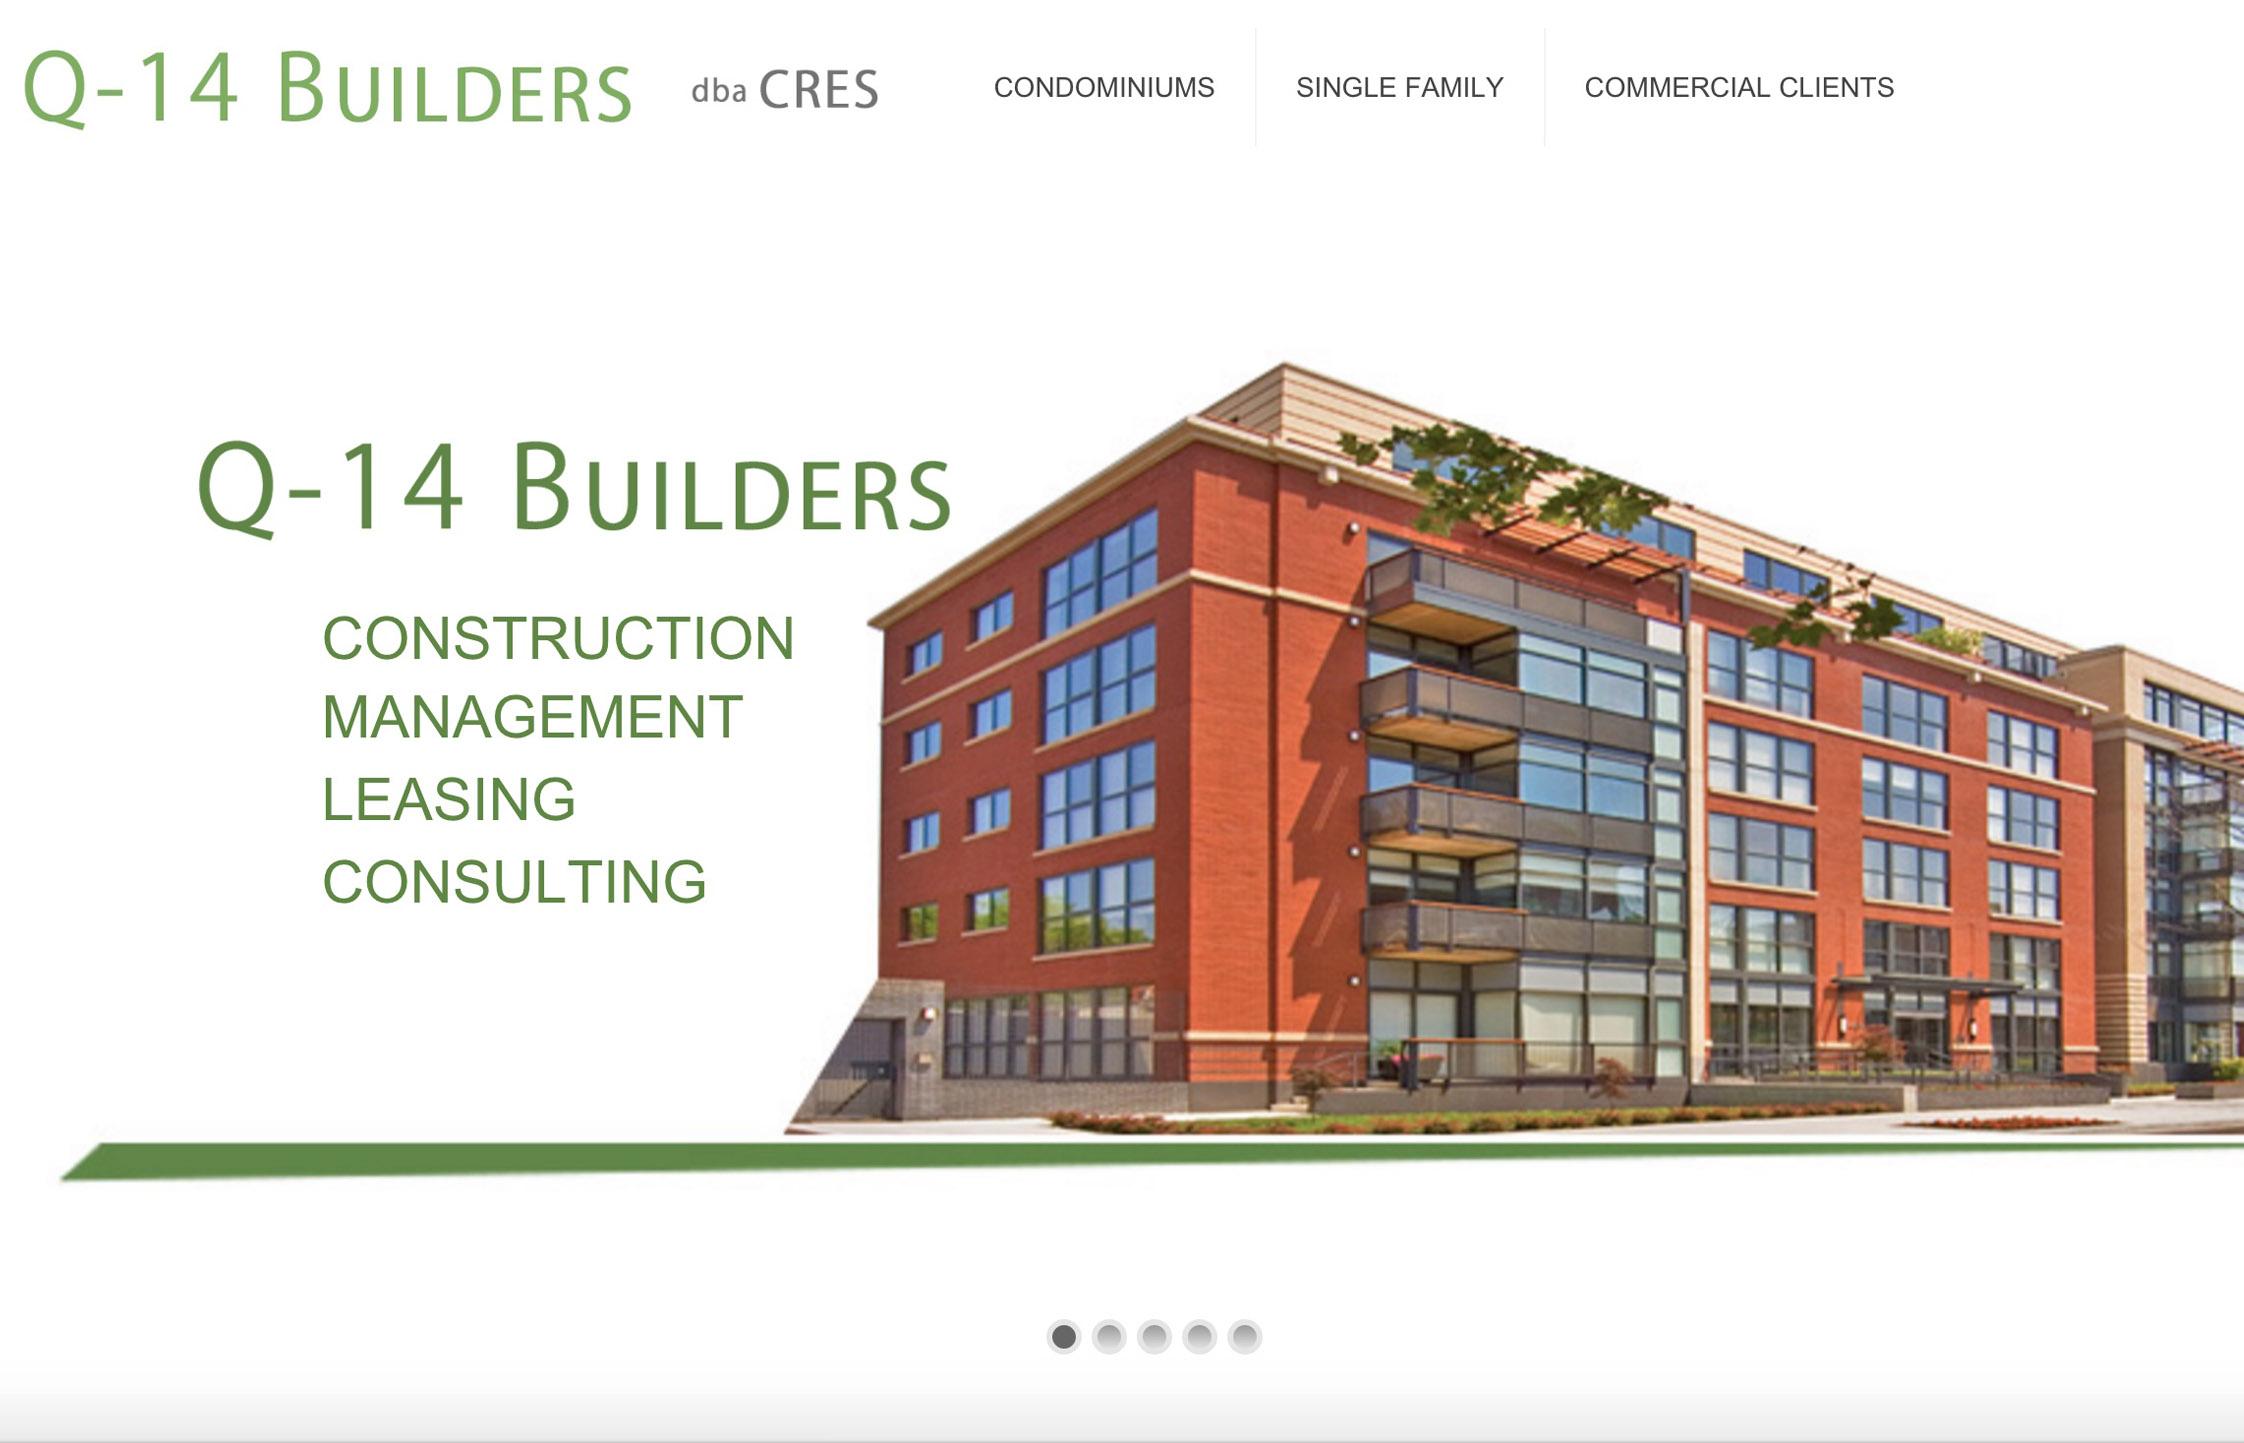 Q-14 Builders